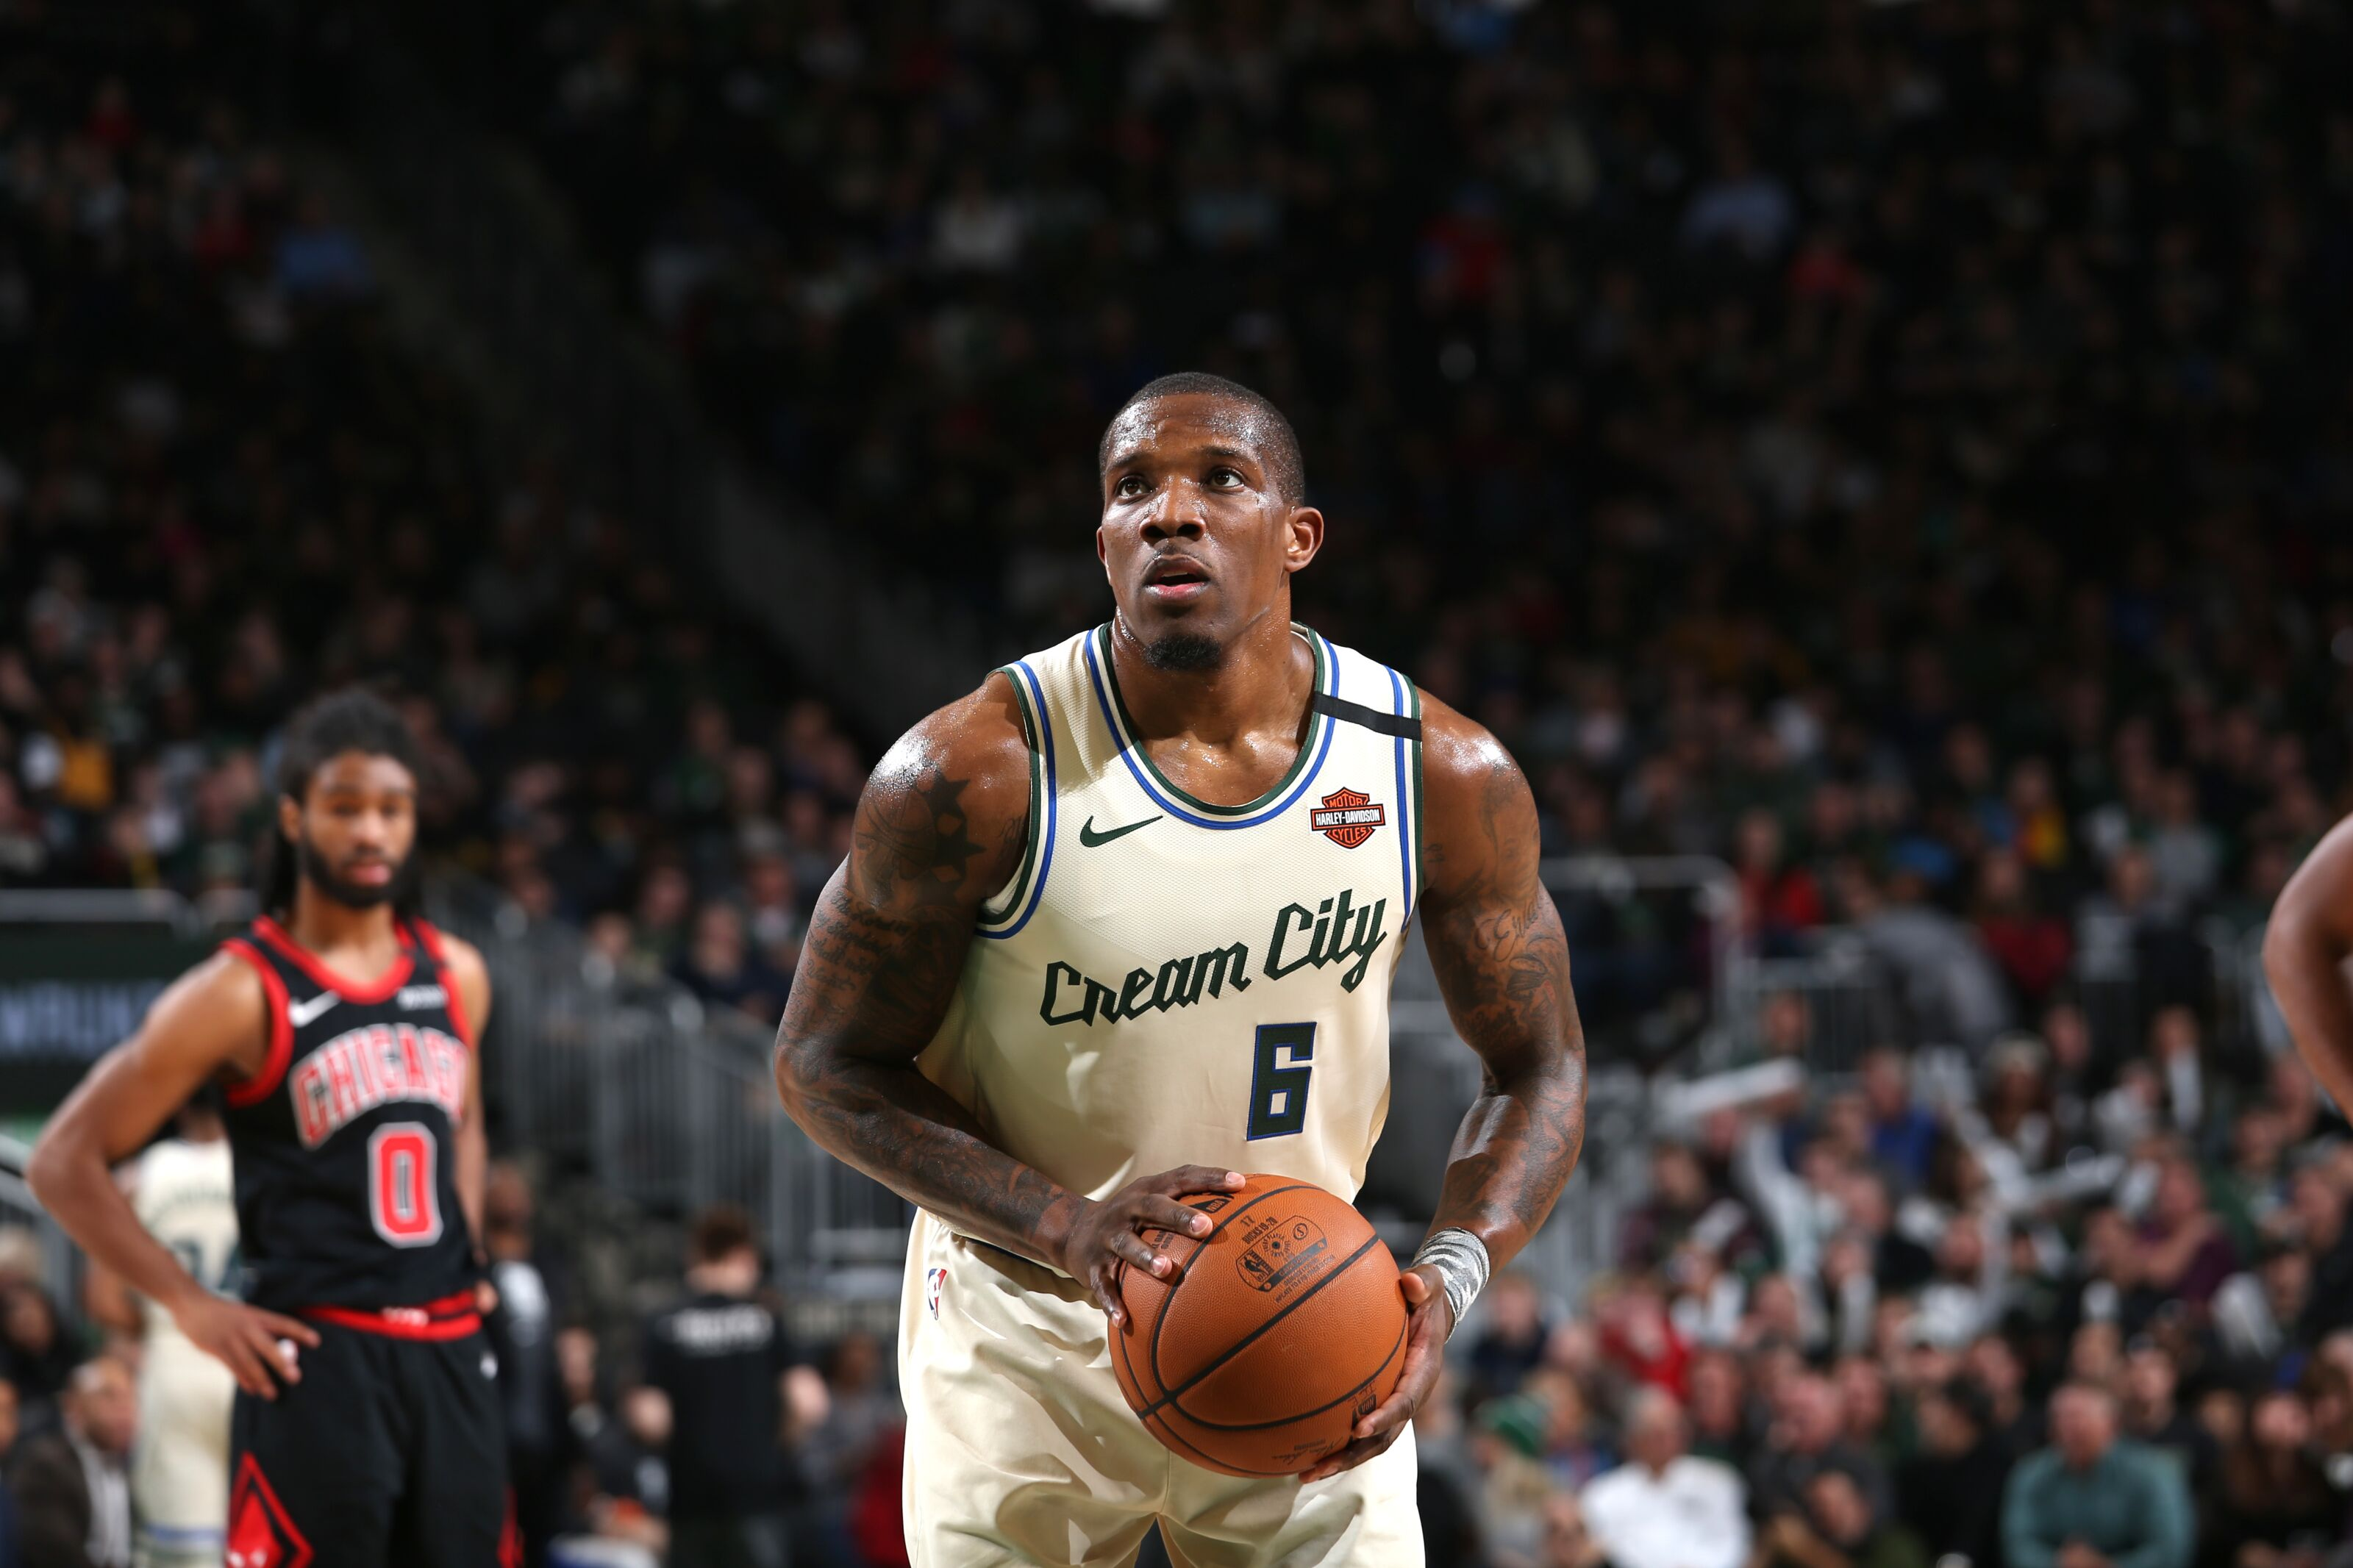 Chicago Bulls: Would an Eric Bledsoe trade make sense?